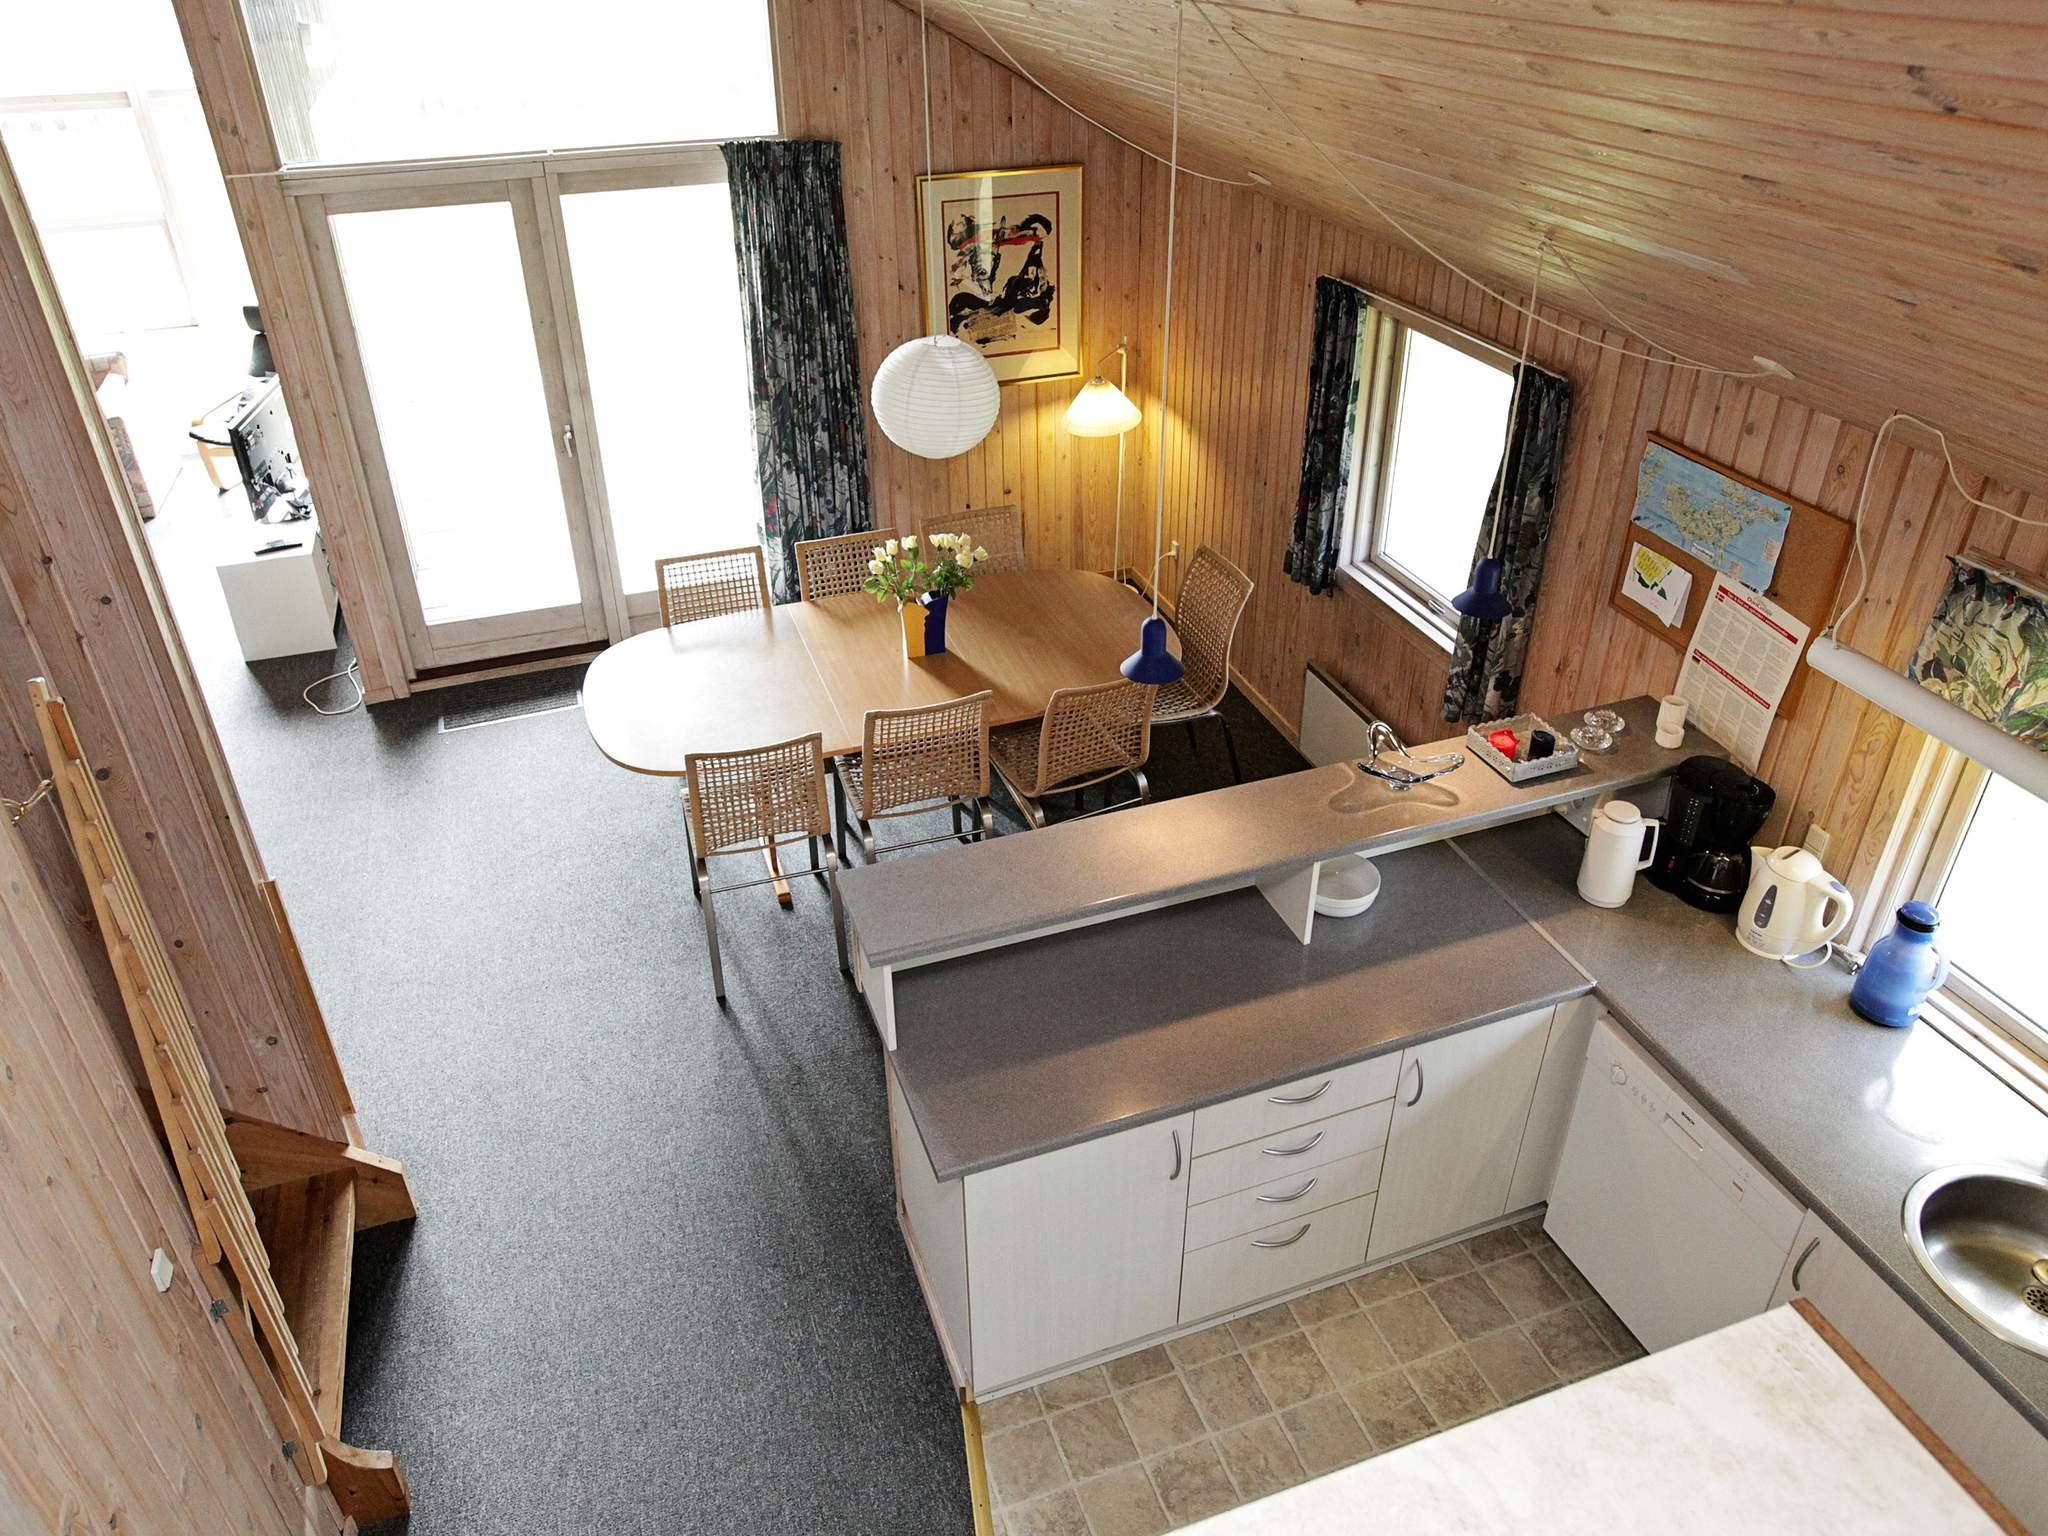 Ferienhaus Hummingen (84295), Hummingen, , Lolland, Dänemark, Bild 8